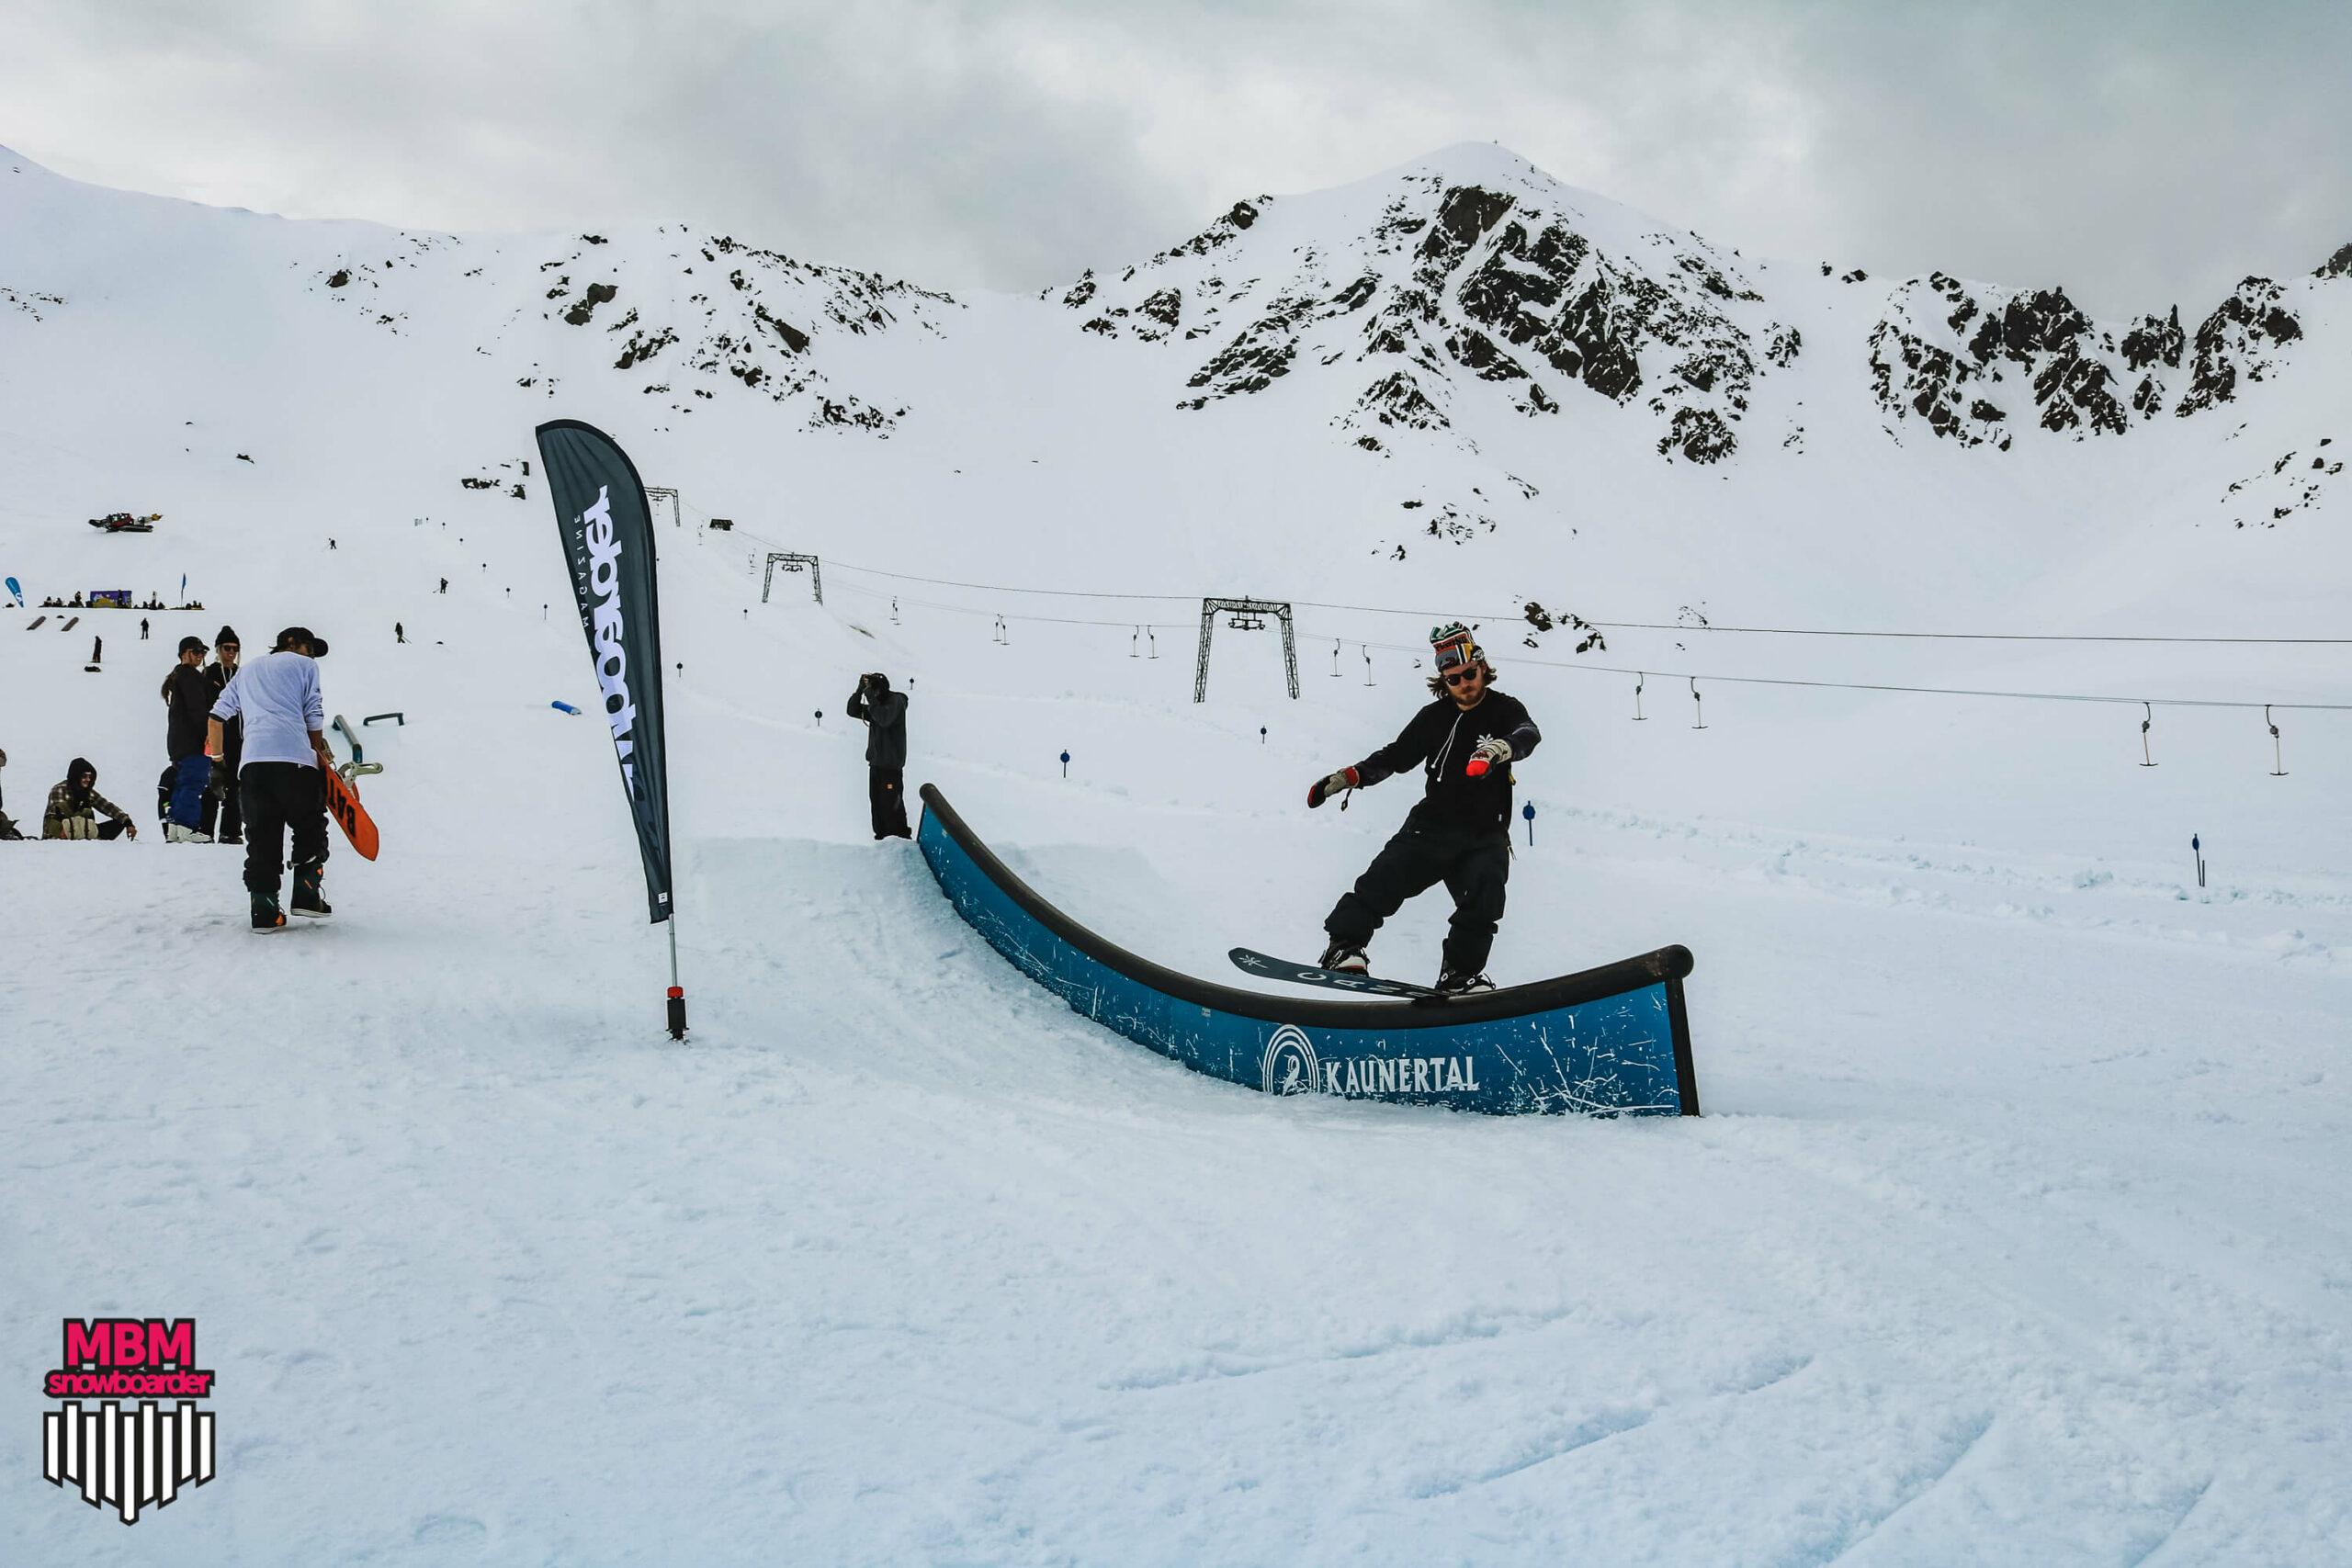 snowboarderMBM_sd_kaunertal_136